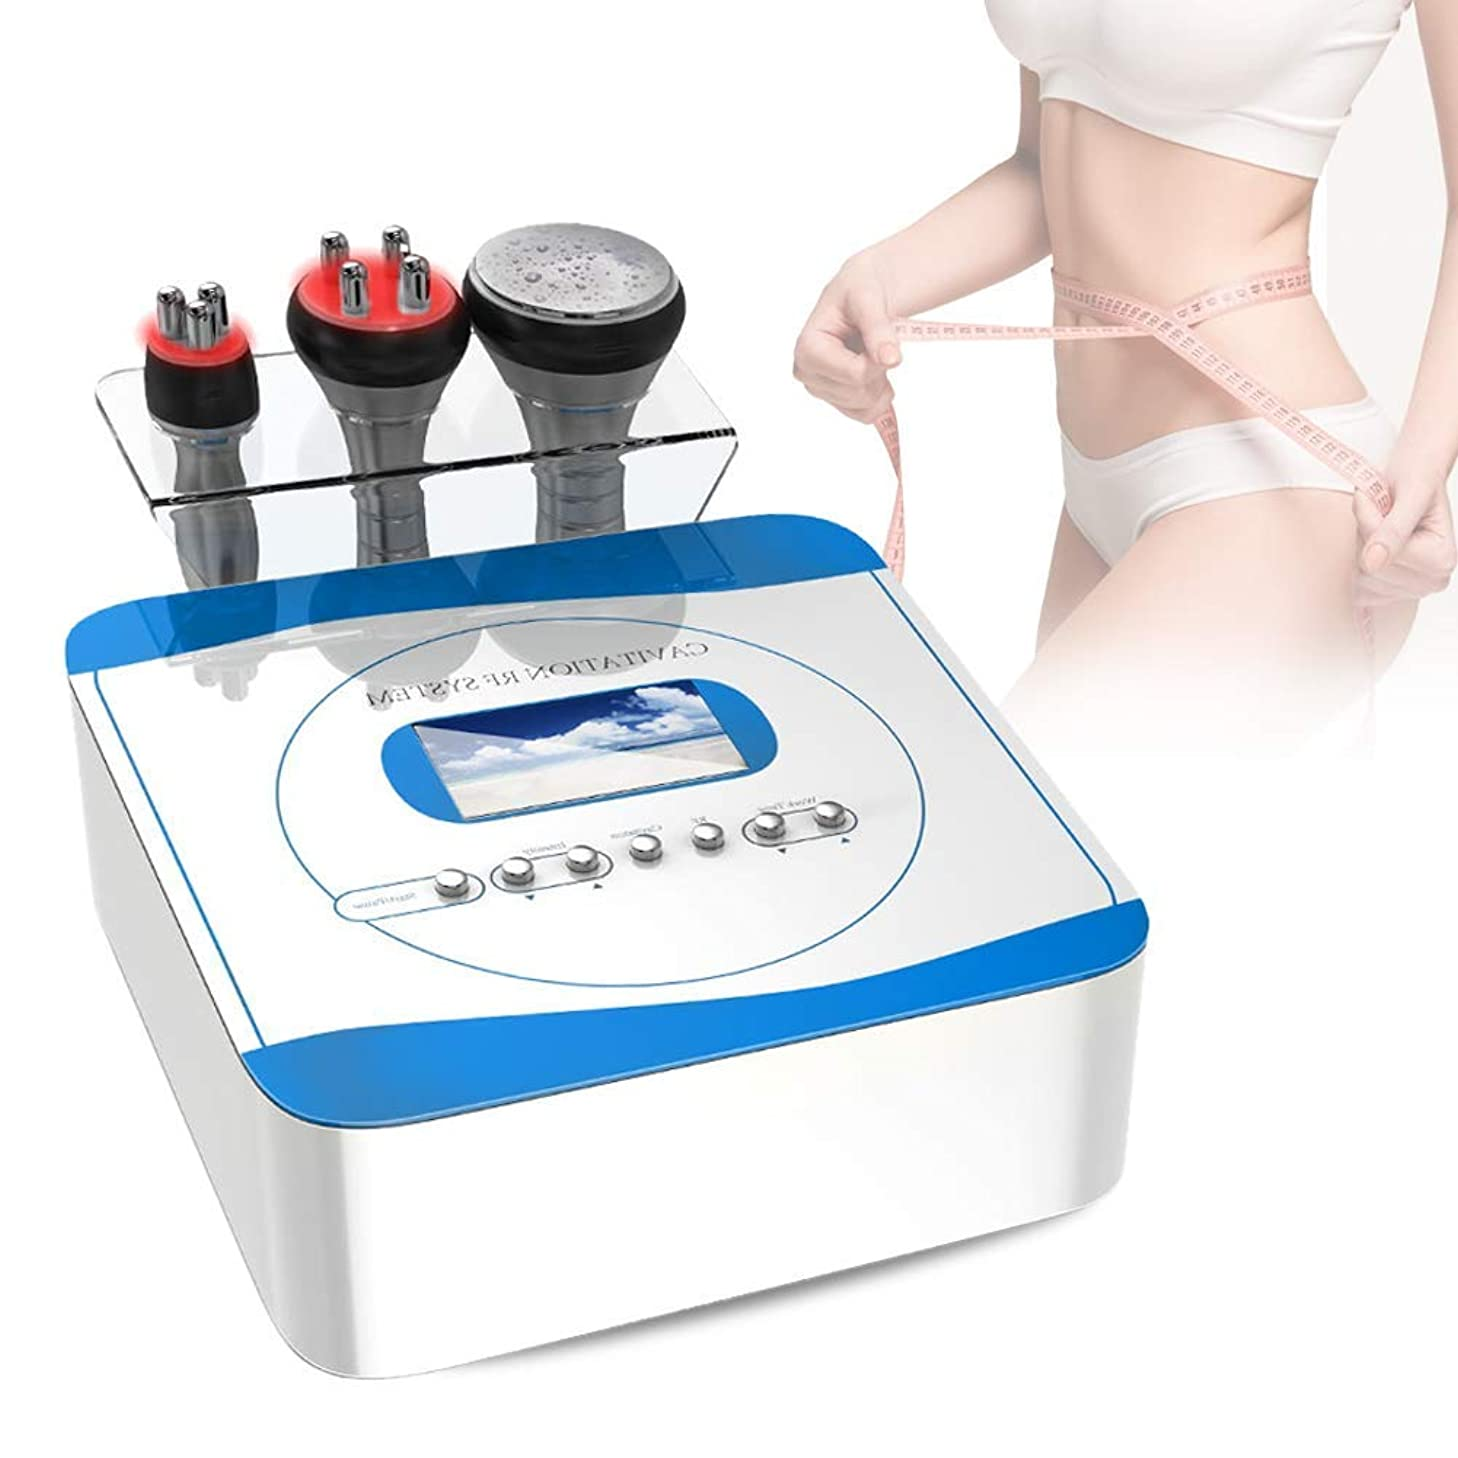 所持伴う傘脂肪除去機、腰、腕、腹、脚のためのリフティング美容機を引き締める1ボディマッサージ脂肪除去肌に3